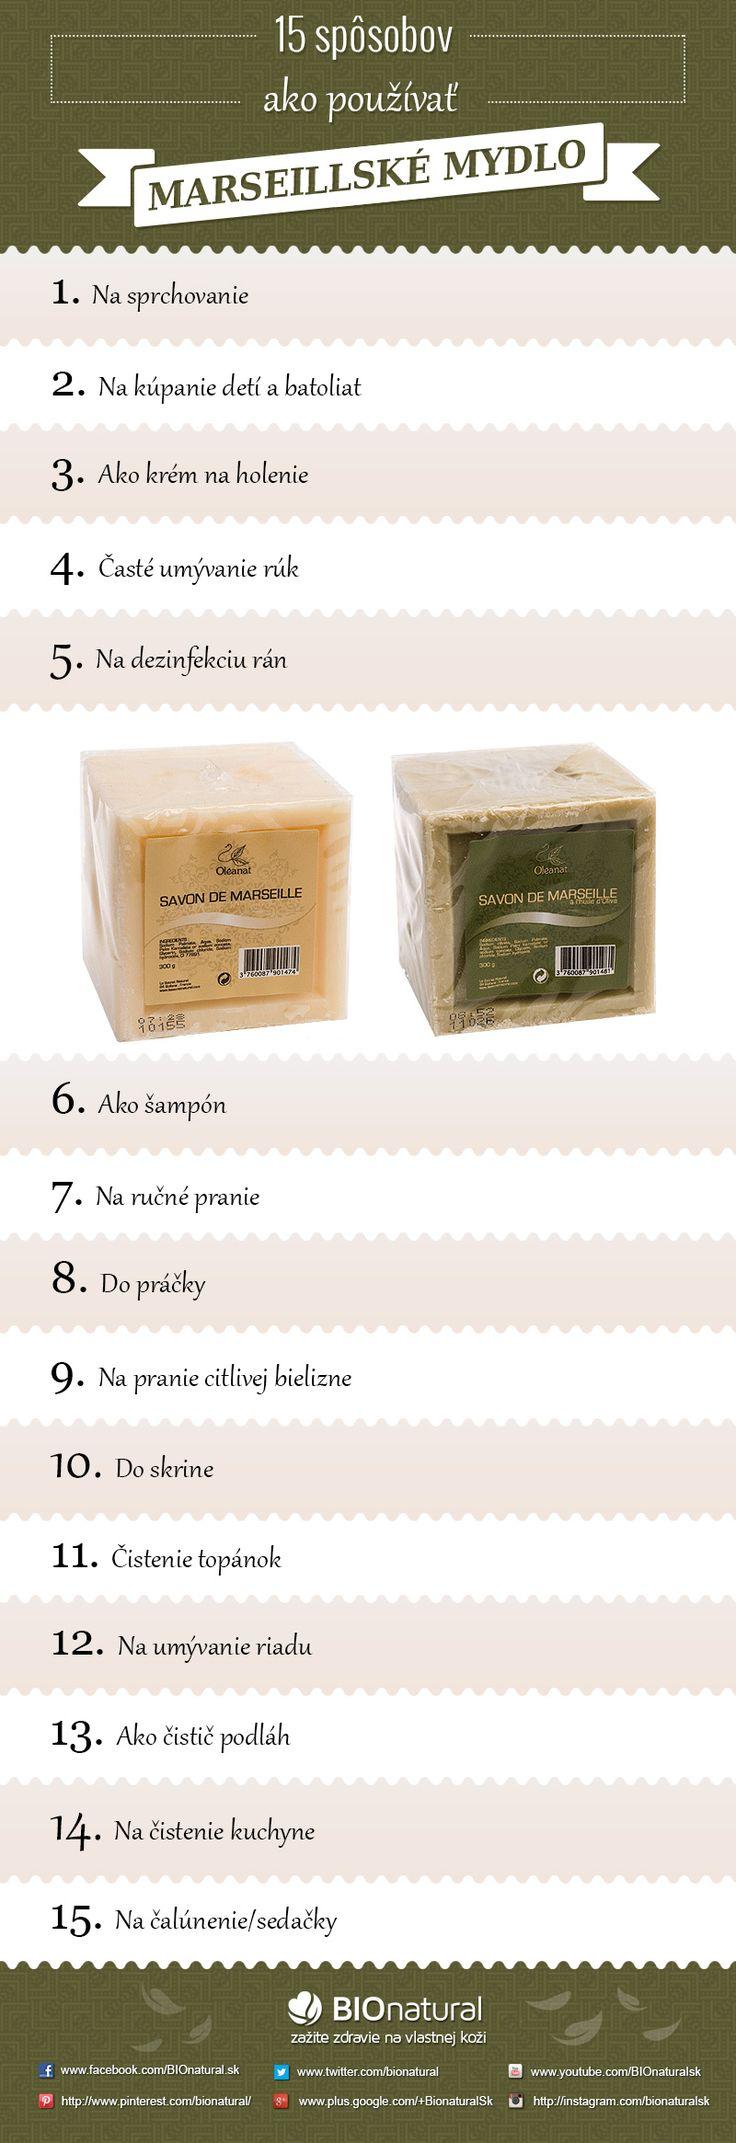 15 spôsobov ako používať marseillské mydlo http://www.bionatural.sk/a/15-sposobov-ako-pouzivat-marseillske-mydlo-infografika